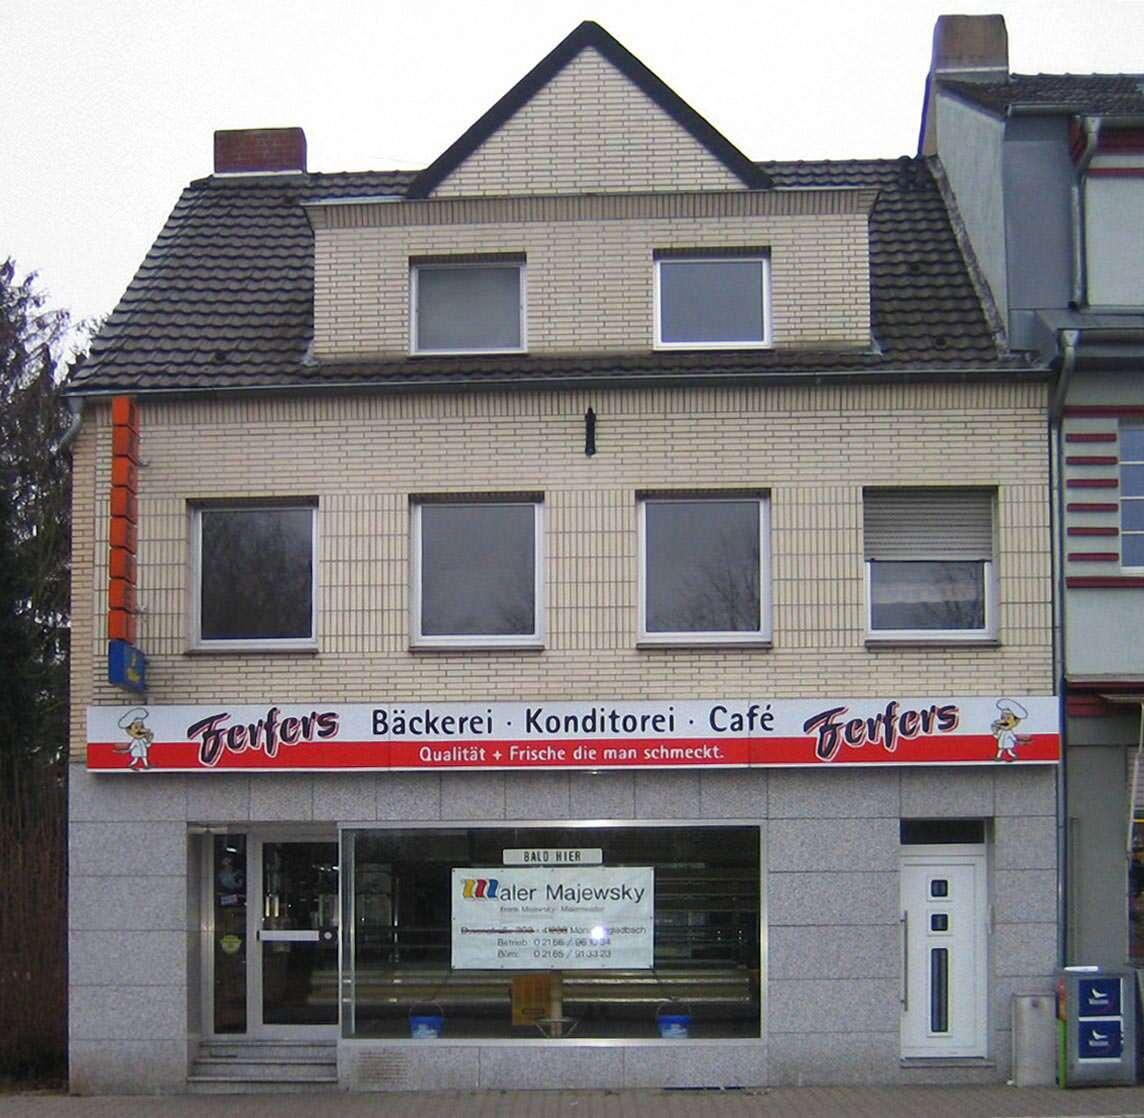 Sanierung einer Bäckerei in Mönchengladbach (Fotos © Elmar Wolff, Freital)